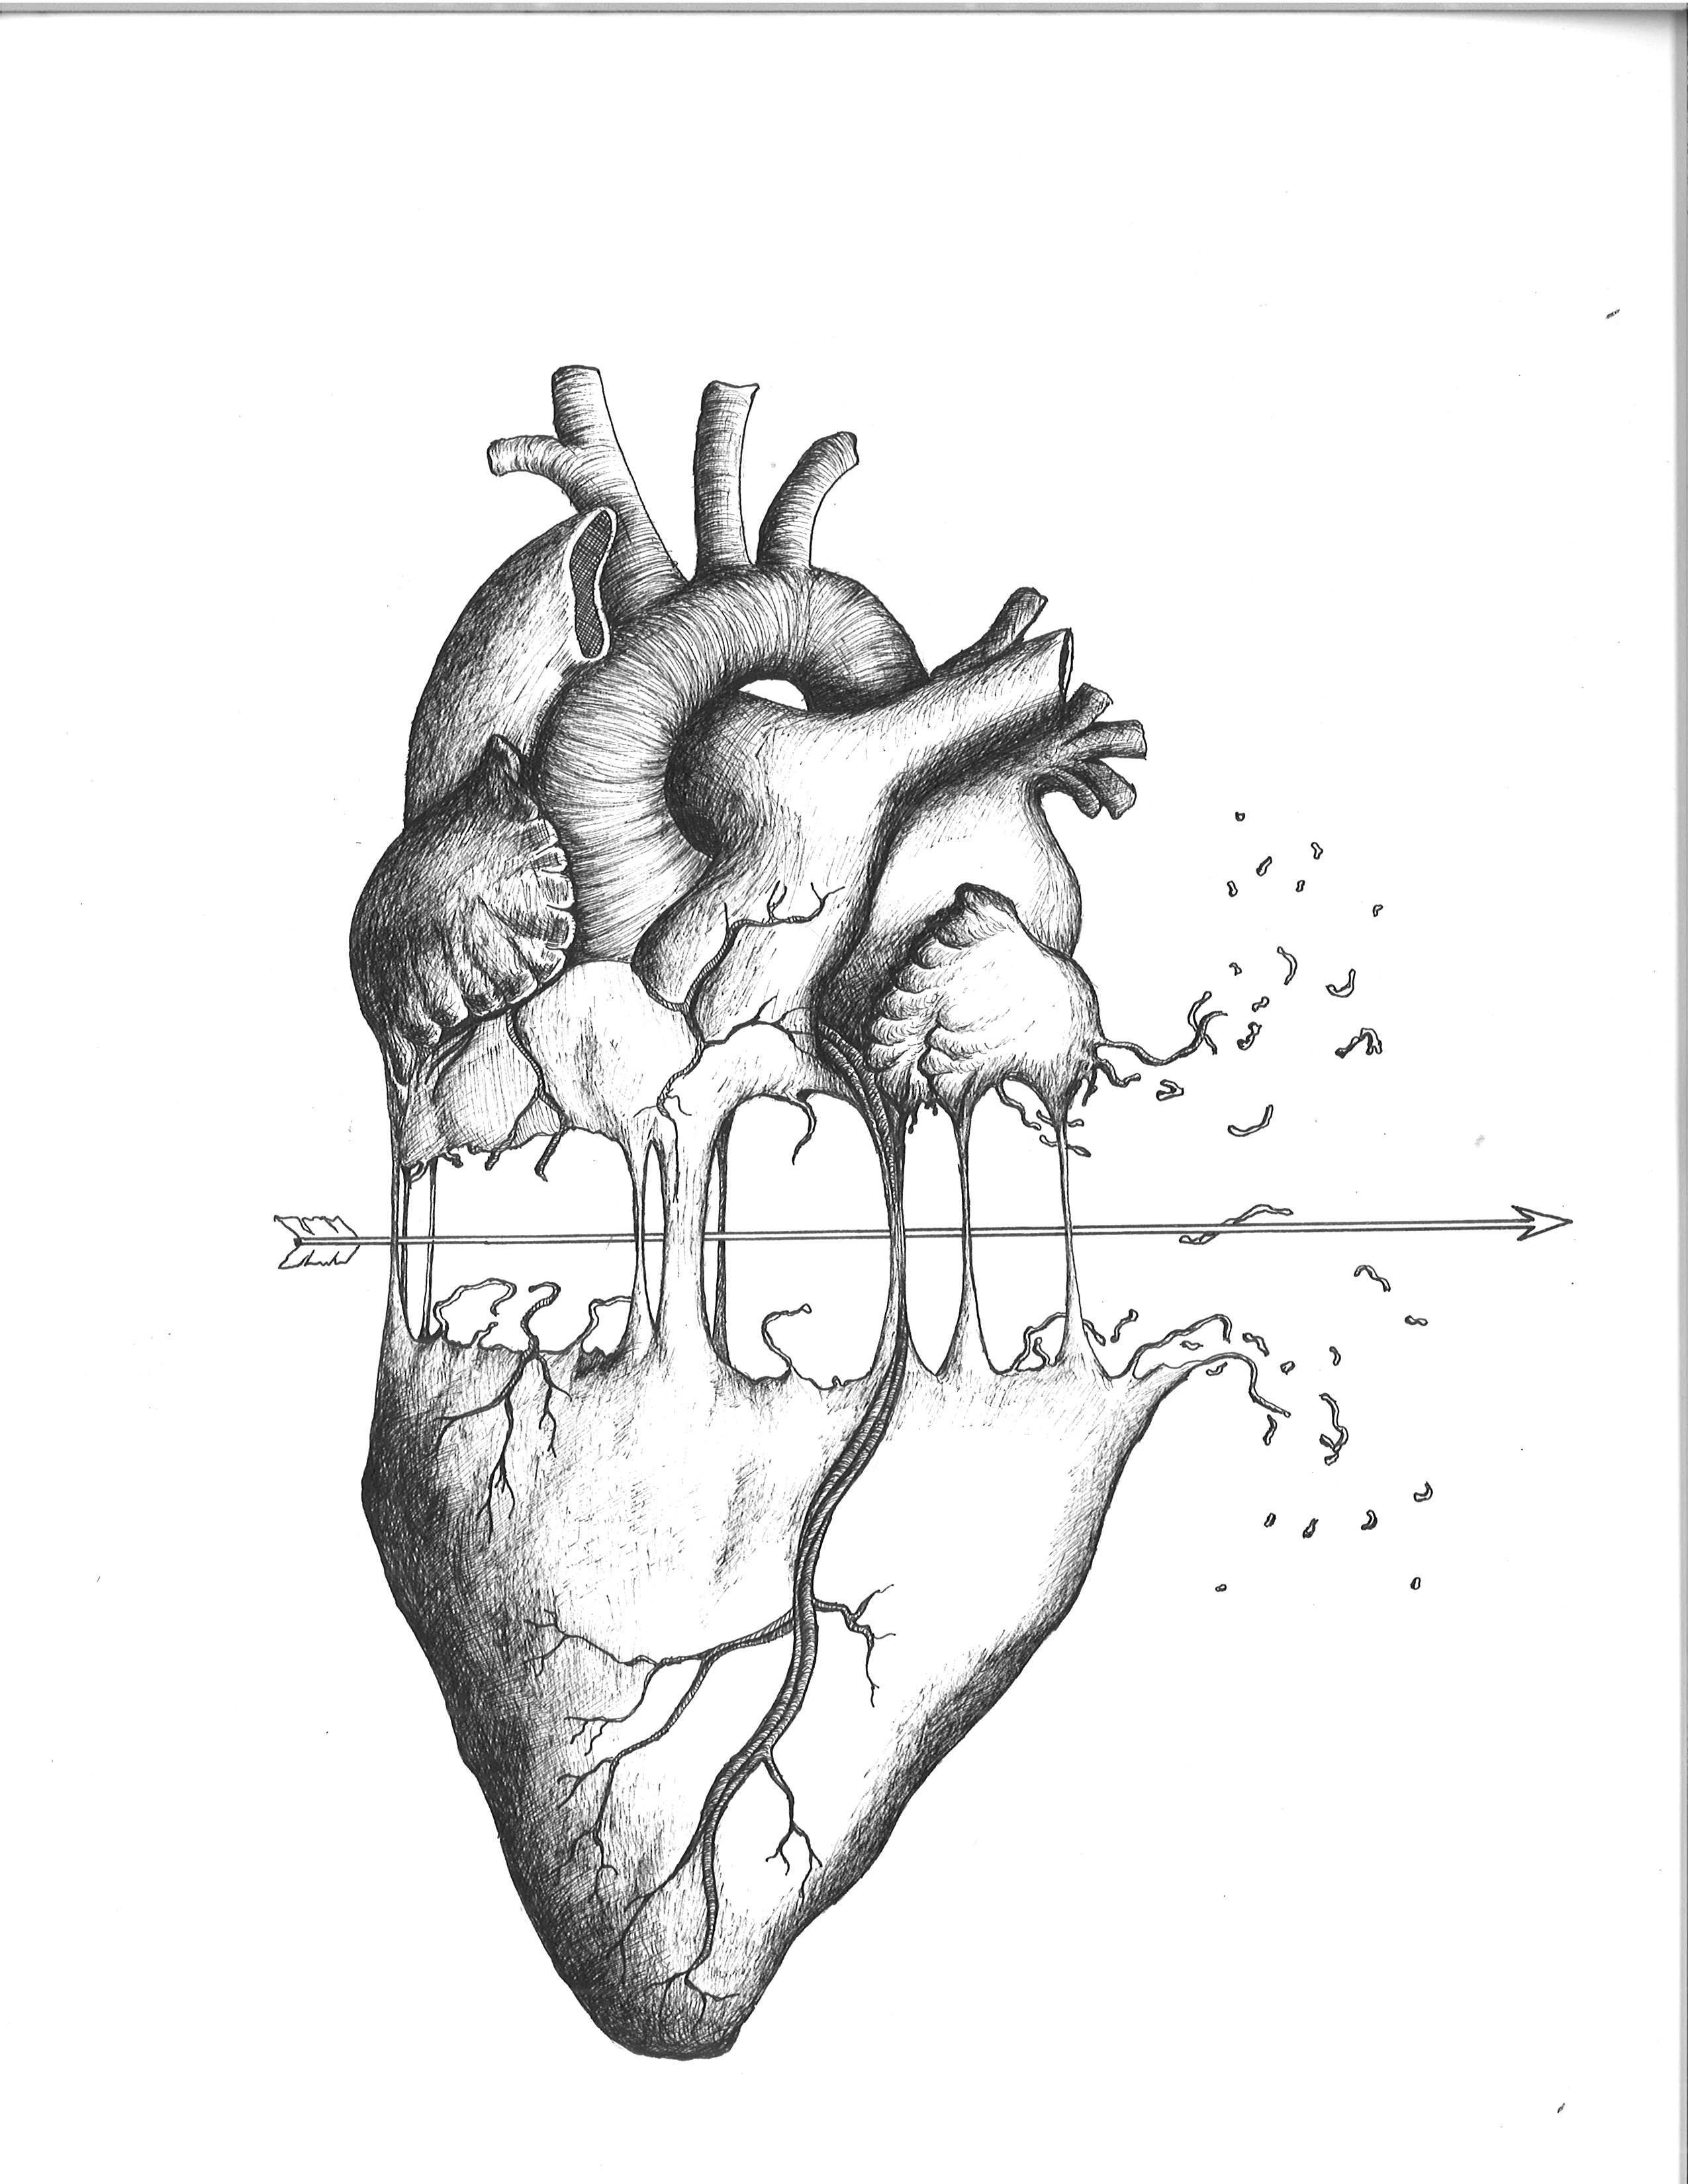 Heartbreak Pendrawing Drawing Heartbreak Inkweaver